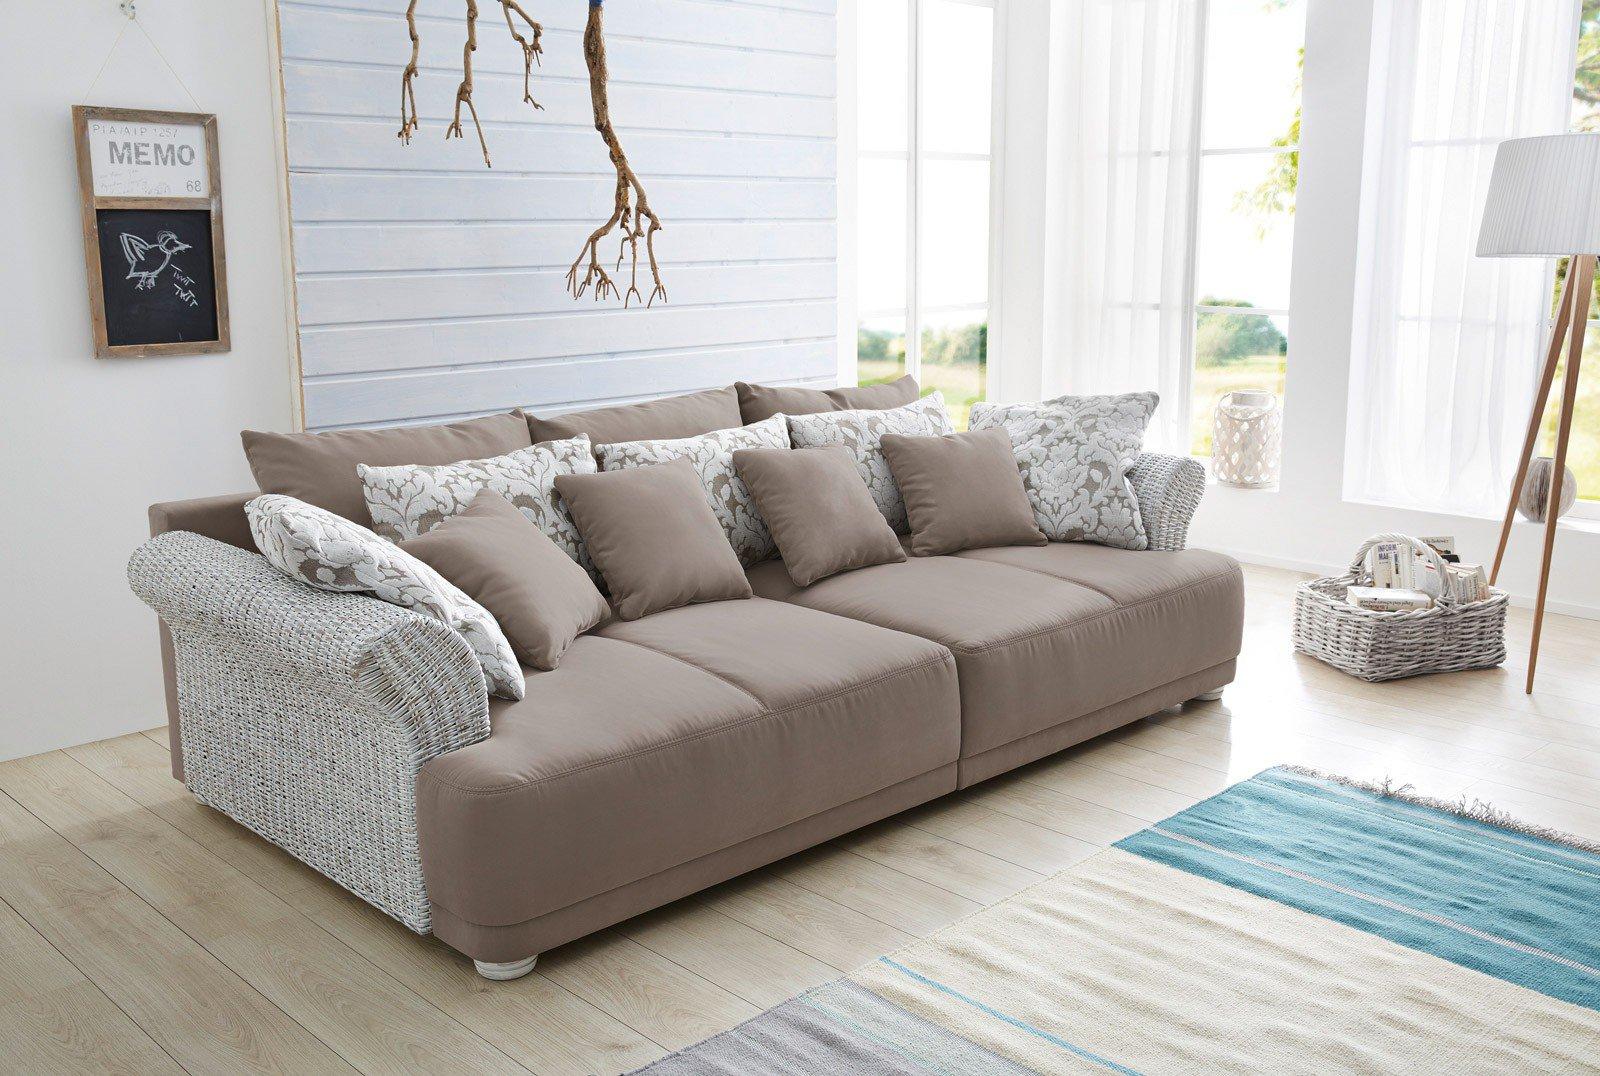 Megasofa braun  Jockenhöfer Ravenna / Rosa Big Sofa braun-beige | Möbel Letz - Ihr ...